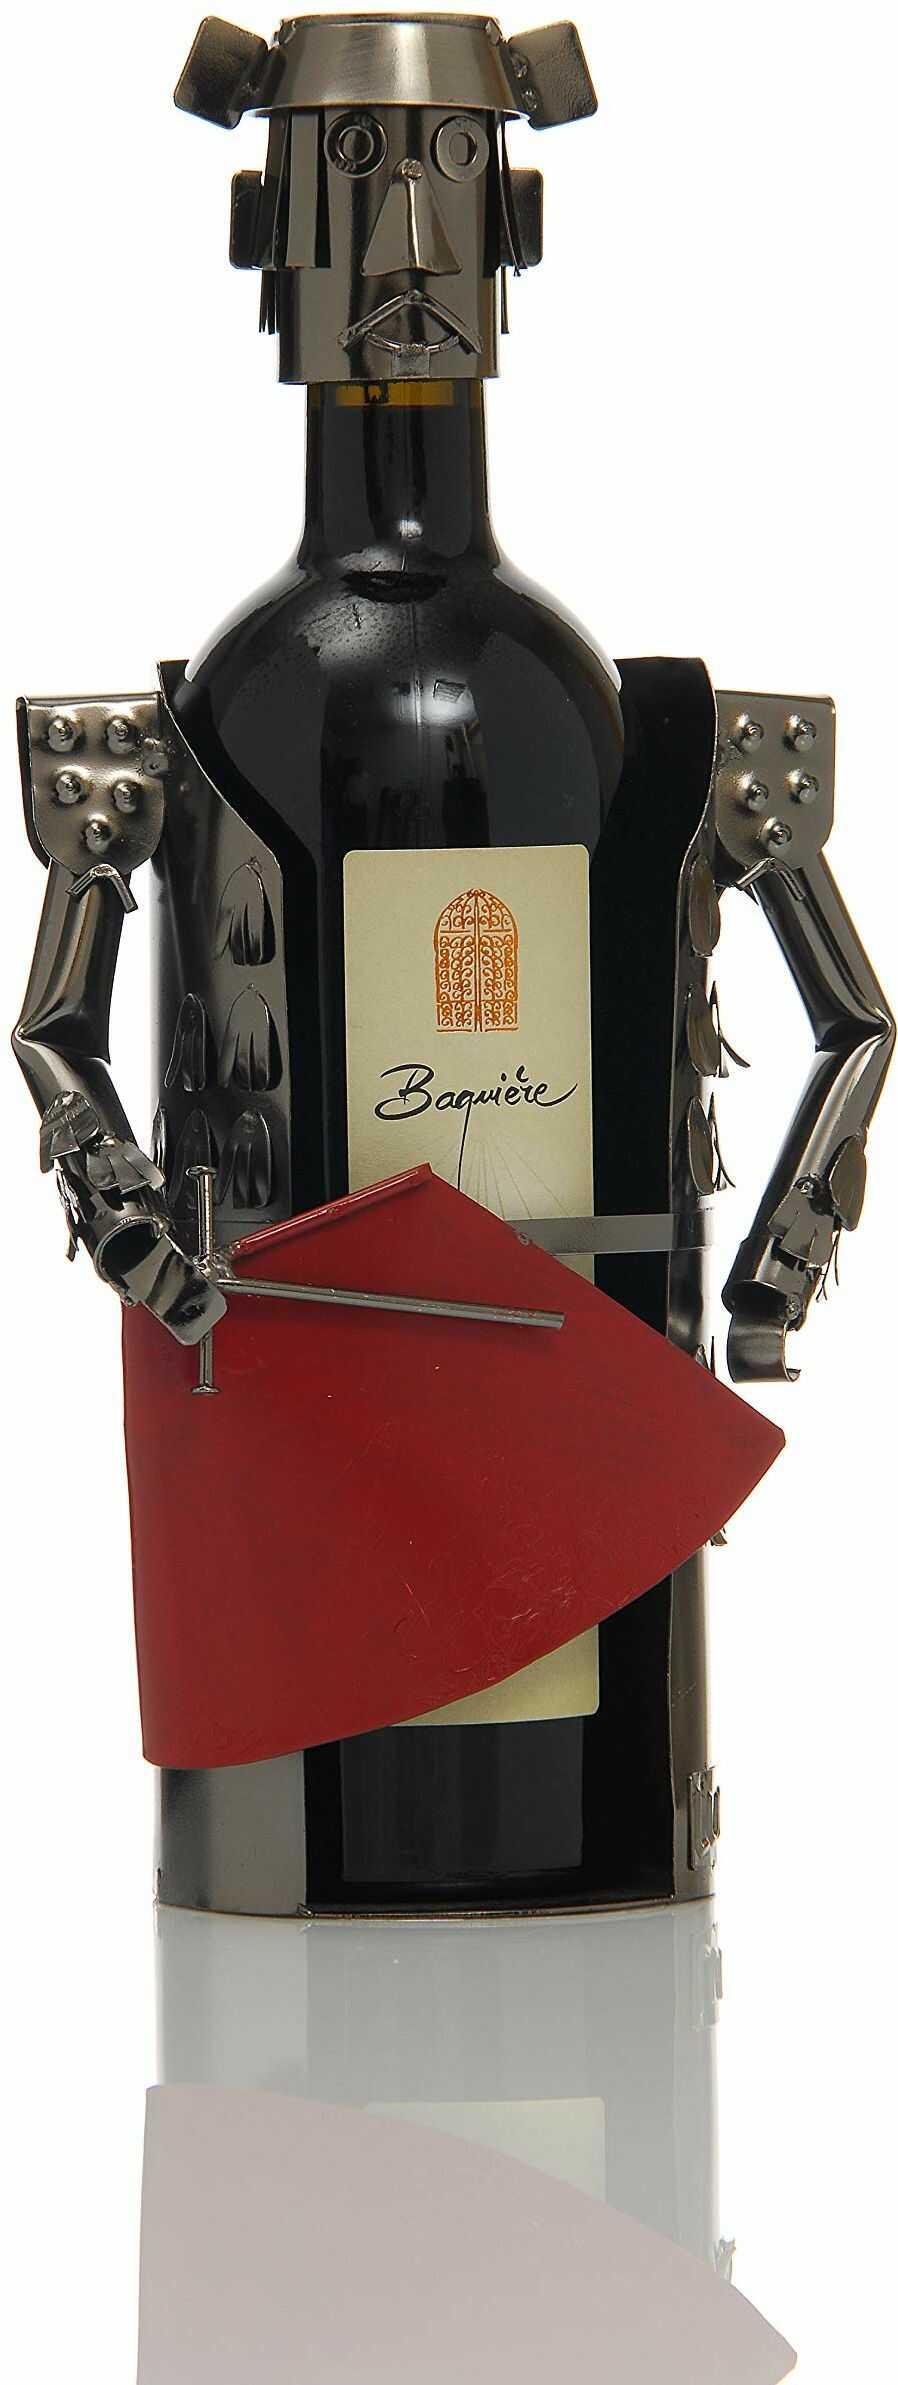 ludi-vin 5060388470074 Torero metalowy uchwyt na butelkę 15 cm x 9 cm x 20,2 cm